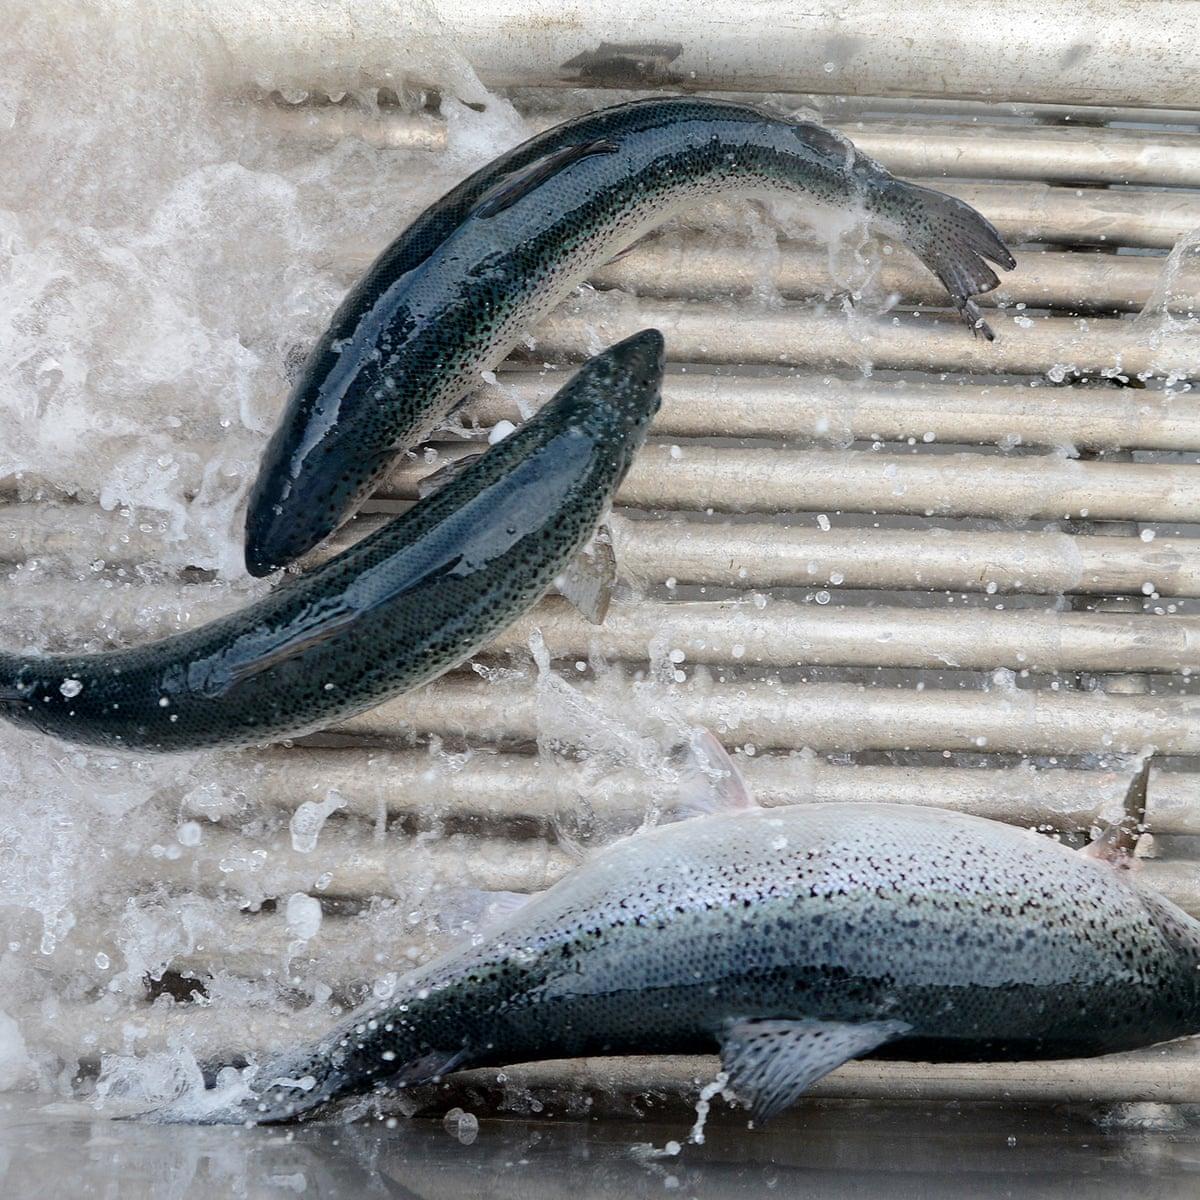 تولید ماهی لهستان